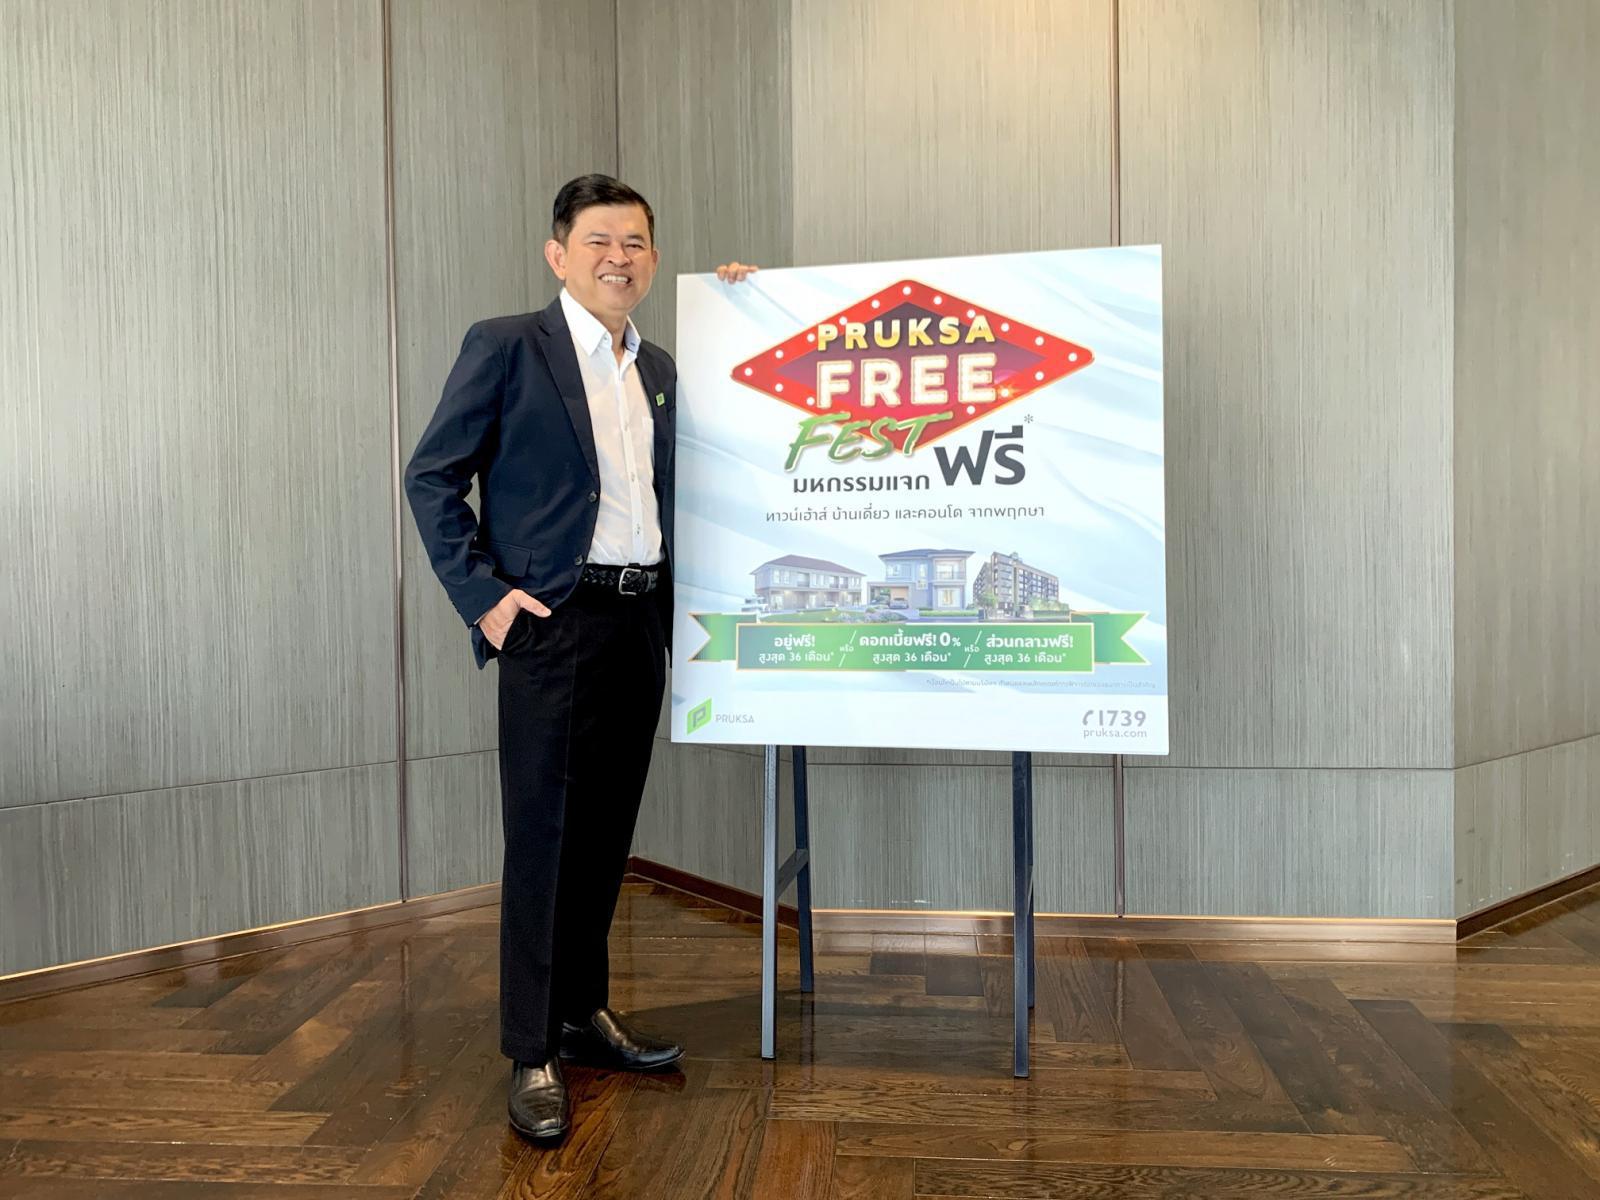 """""""PRUKSA FREE FEST มหกรรมแจกฟรี """" อยู่ฟรี ดอกเบี้ยฟรี ส่วนกลางฟรี สูงสุด 36 เดือน"""